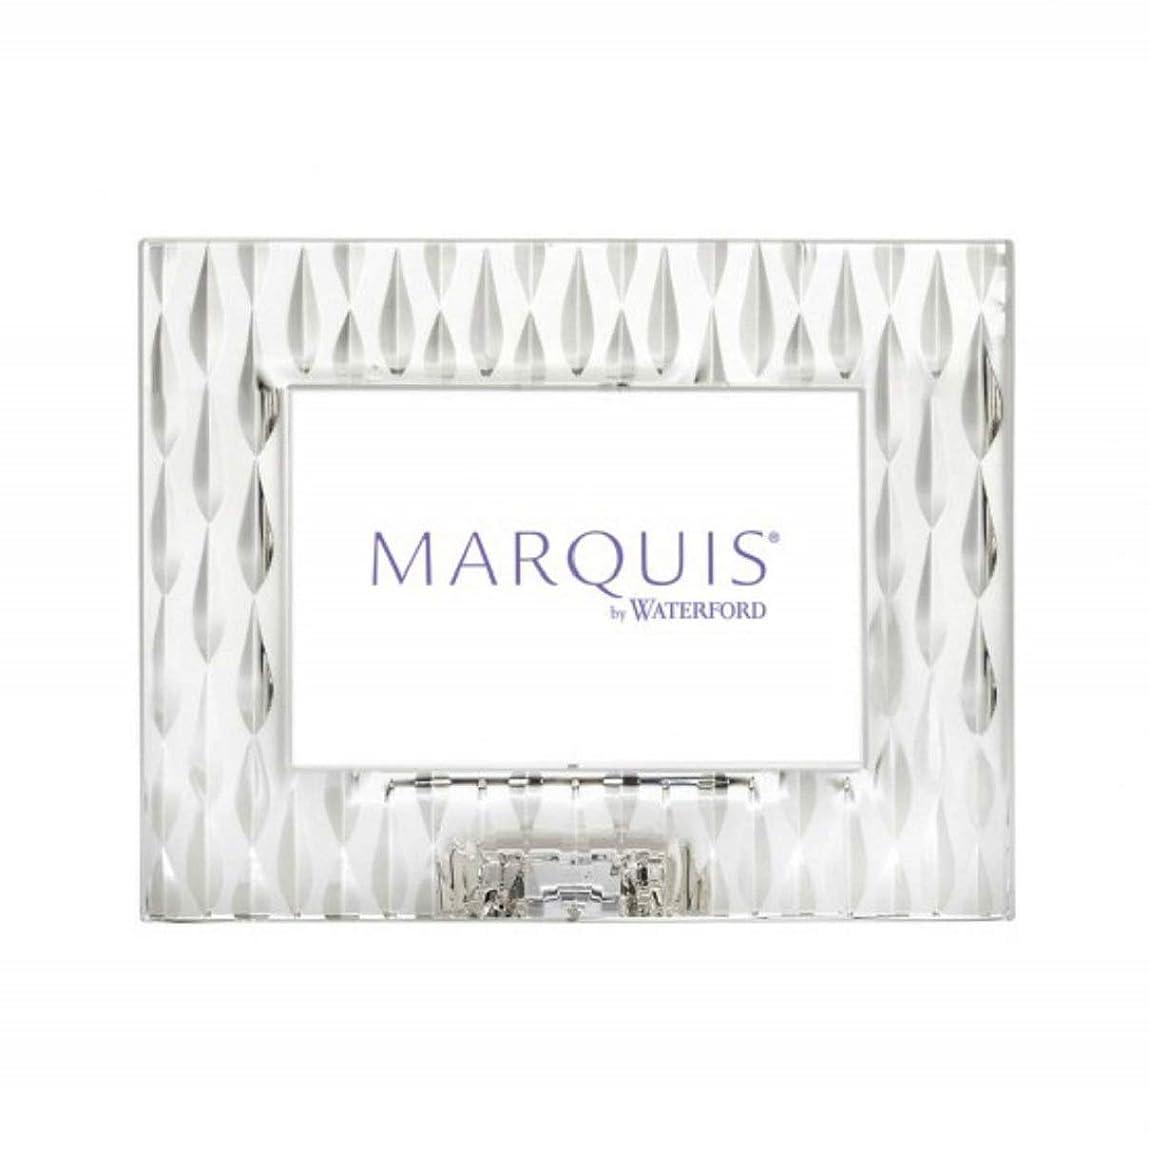 ひそかに建築家瞑想するMarquis by Waterford Rainfall 4 by 6 Frame, Landscape by Marquis By Waterford